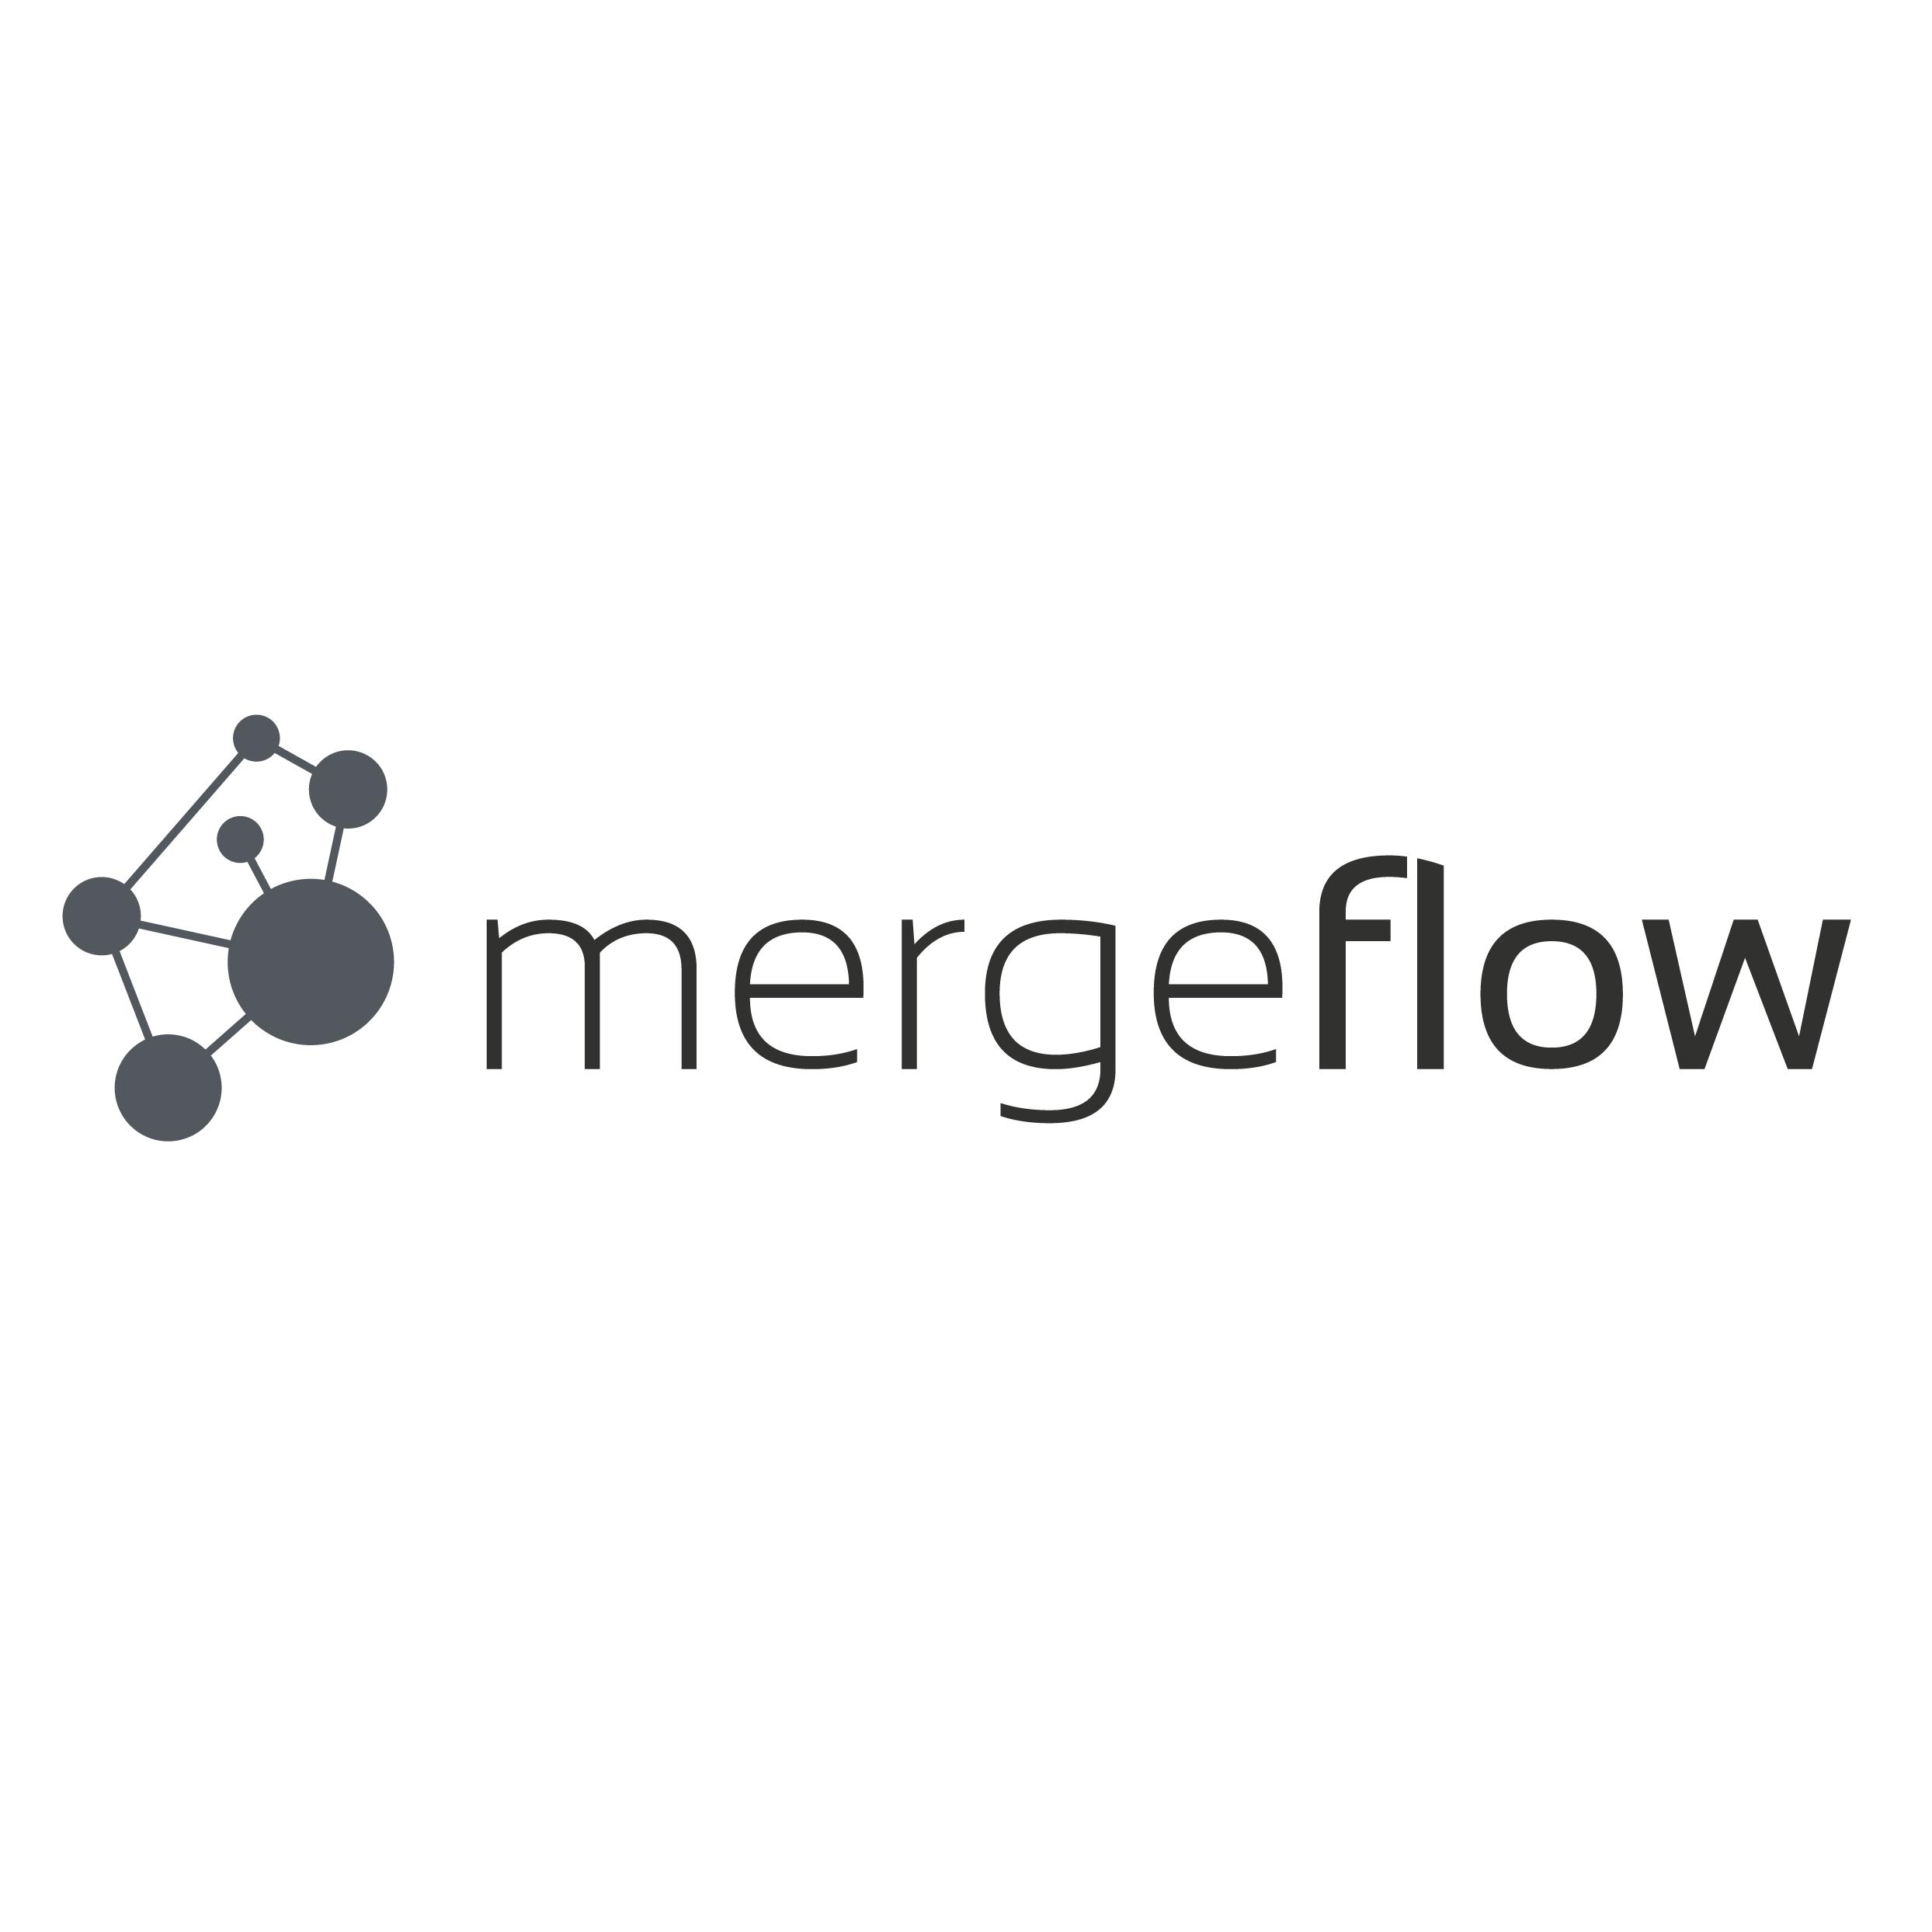 Mergeflow